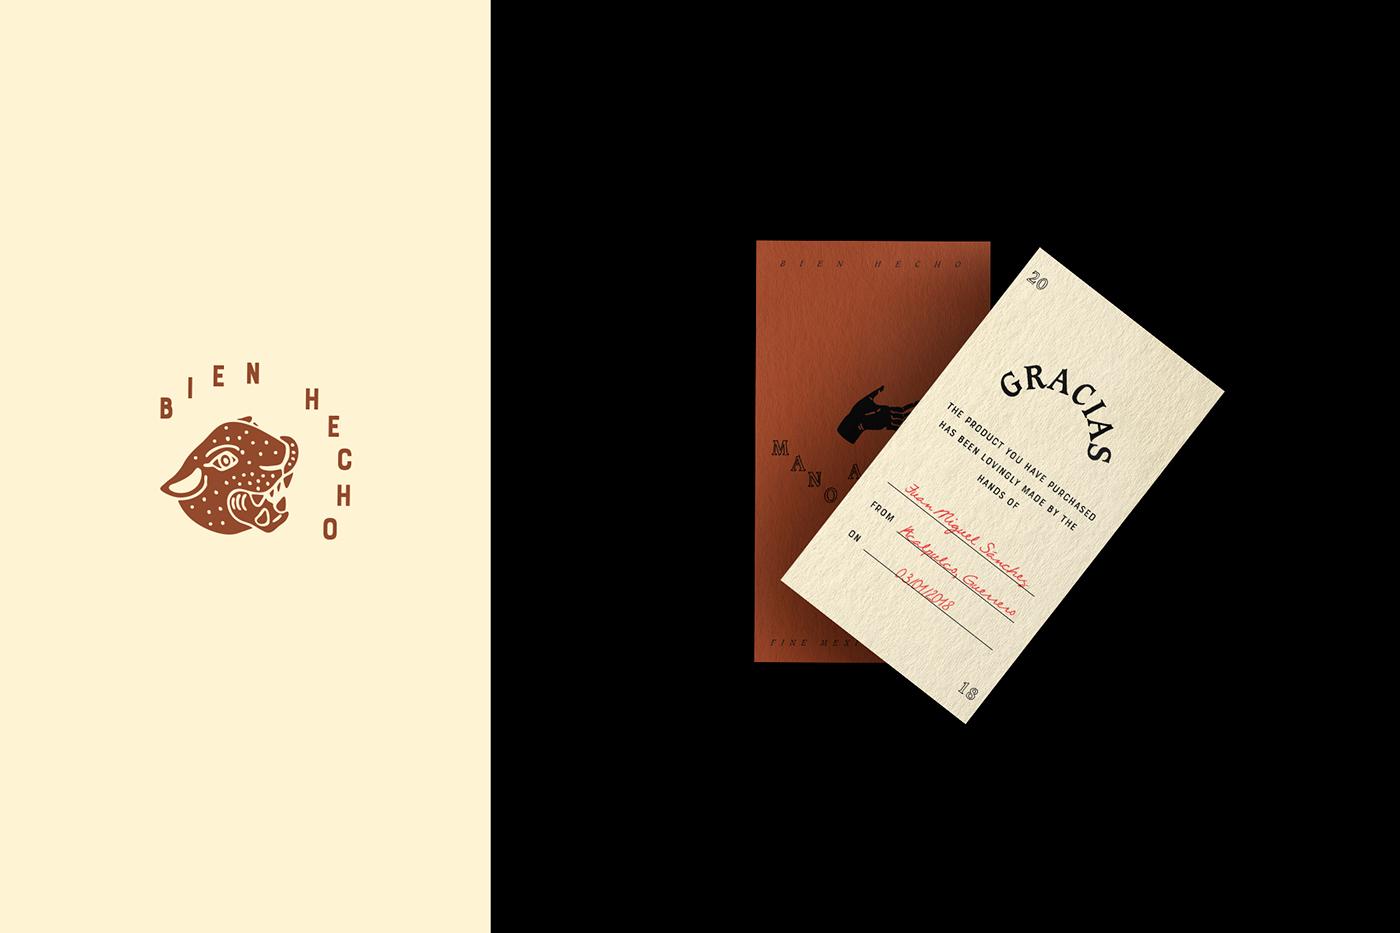 Bien Hecho工艺品品牌形象设计 欣赏-第5张